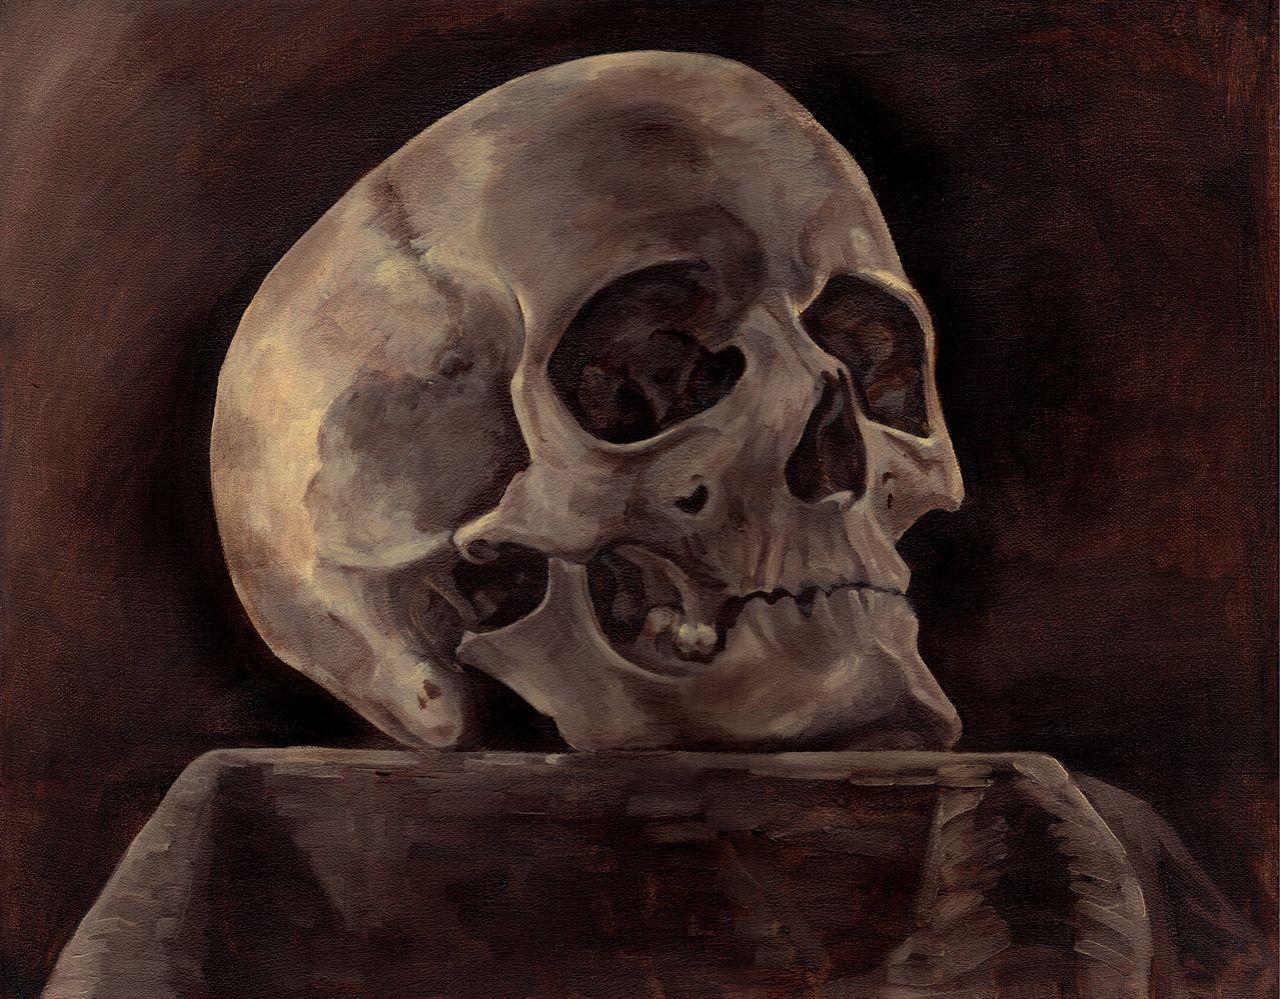 Schädel - Studie, Knochen, Menschen, Schädel von Grufttaube bei KunstNet